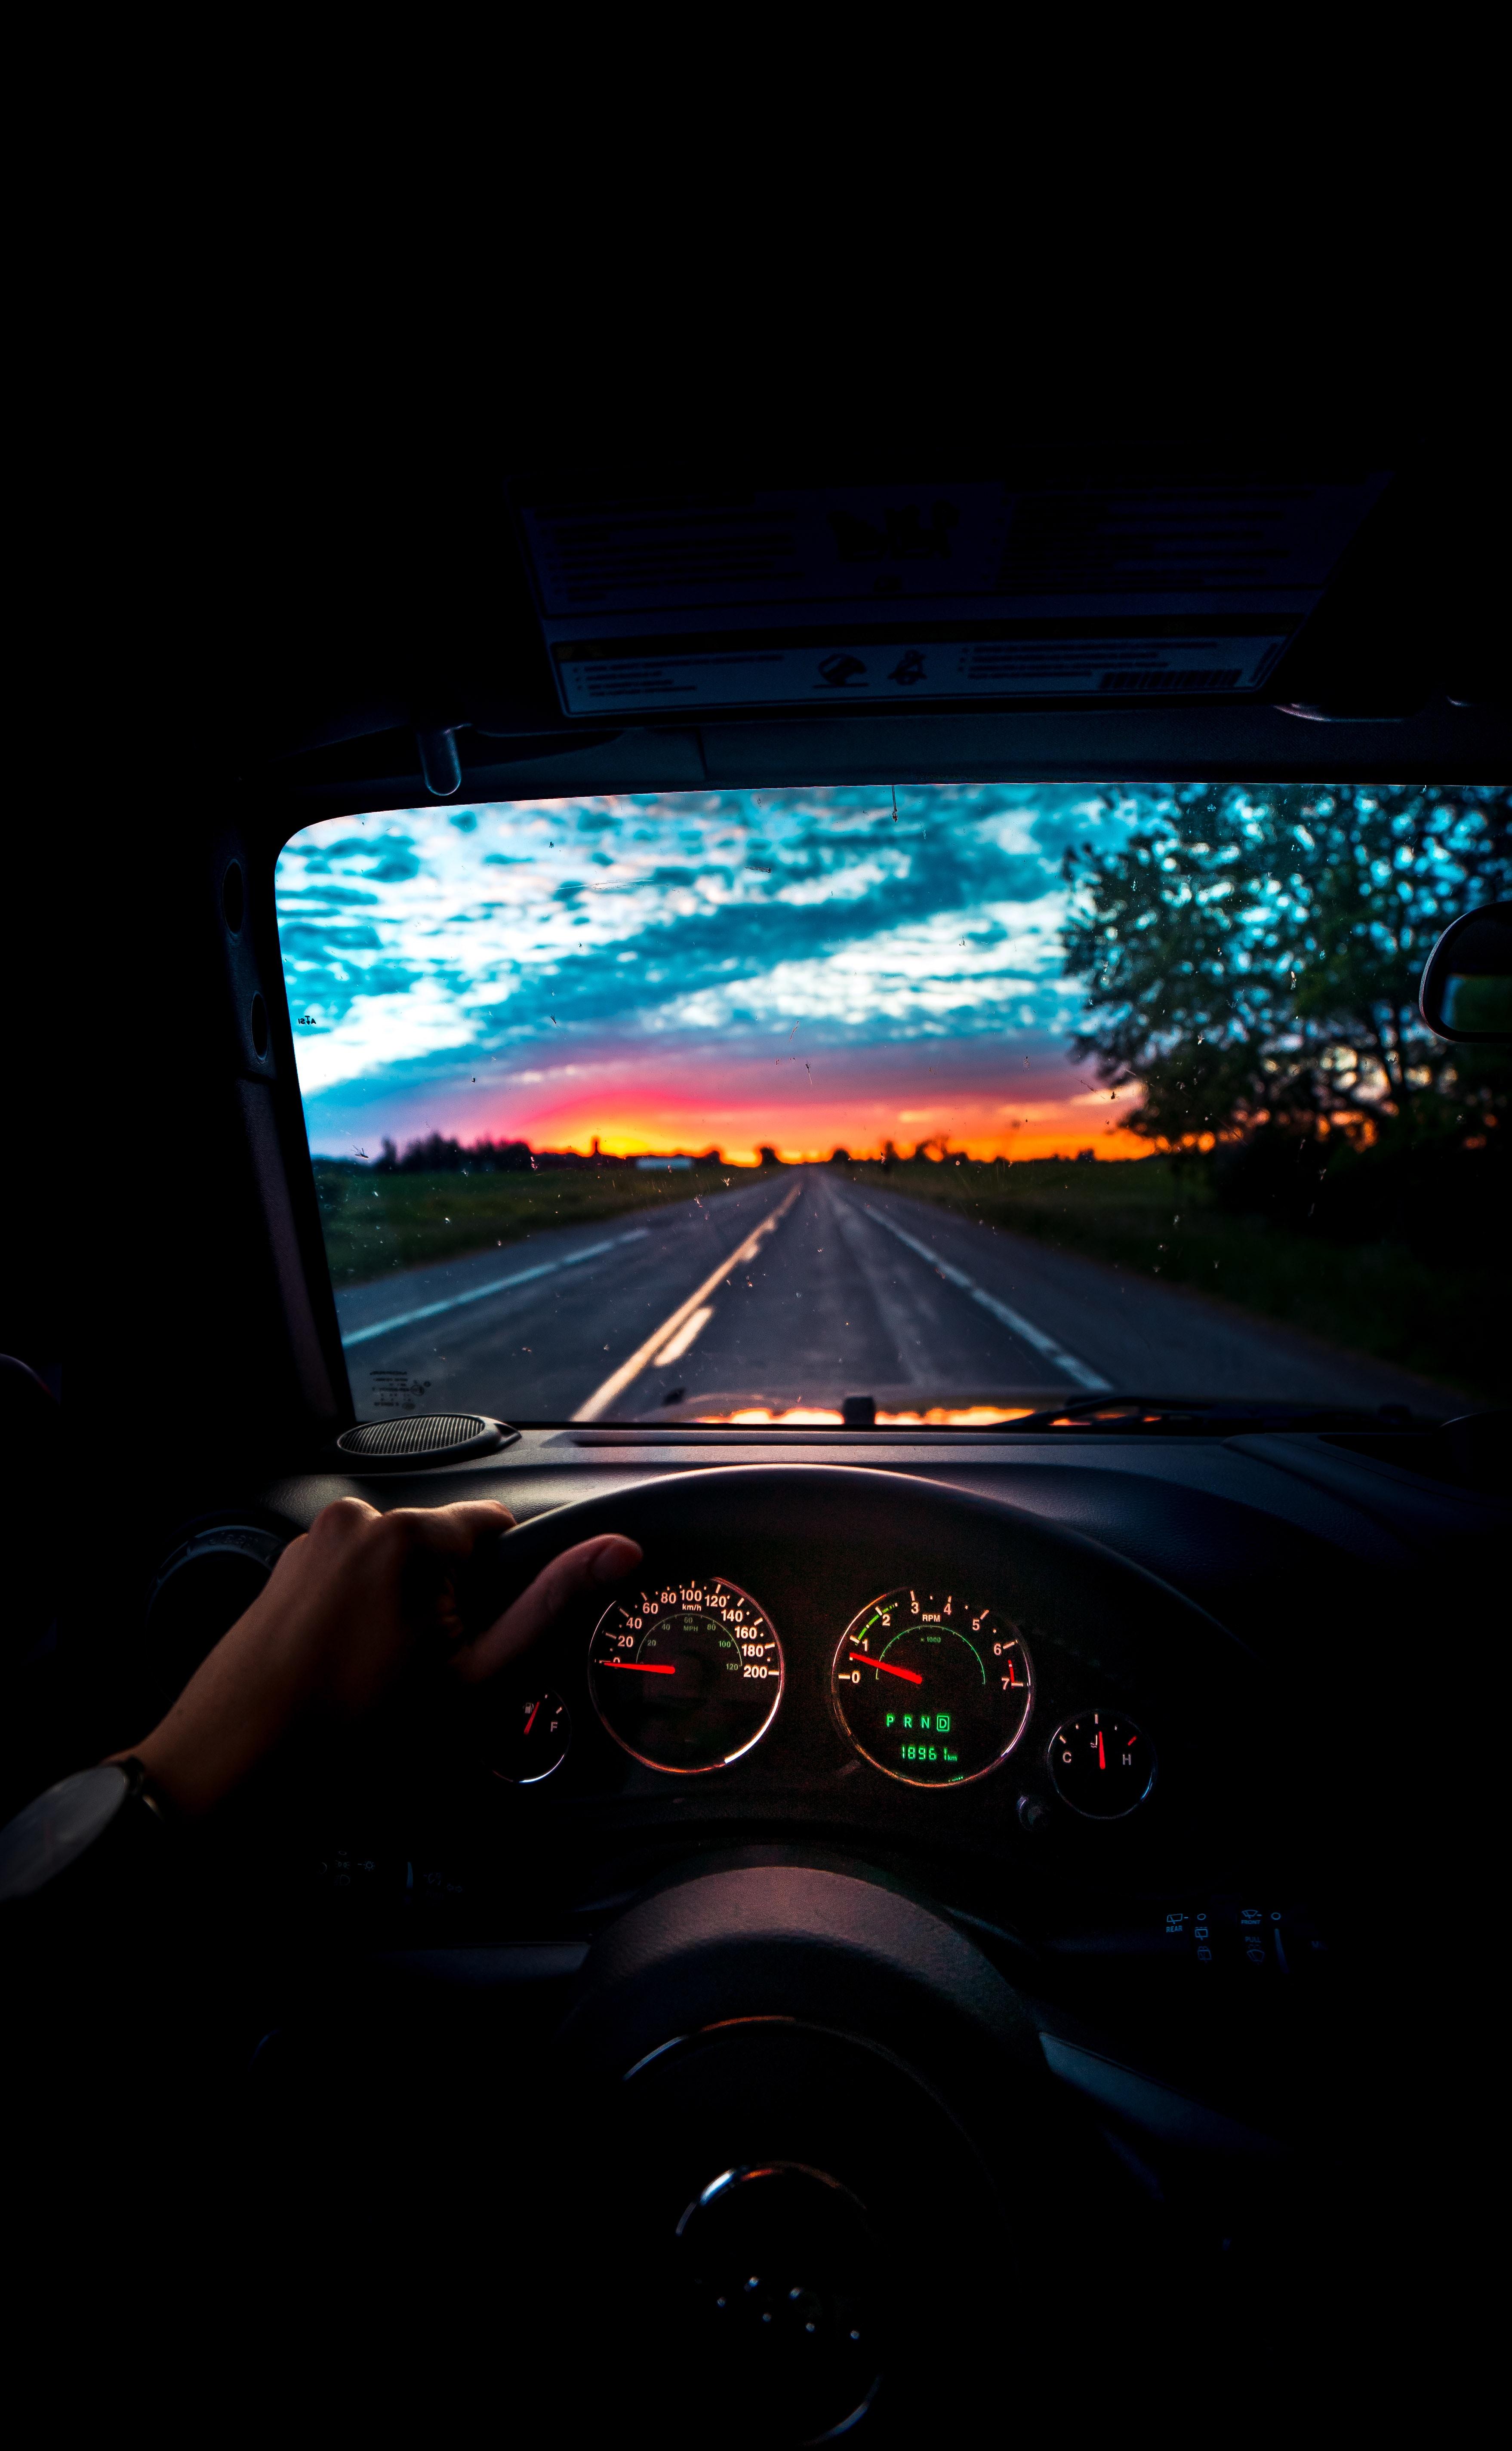 113293 Hintergrundbild herunterladen Auto, Sunset, Dunkel, Straße, Wagen, Reise, Lenkrad, Ruder - Bildschirmschoner und Bilder kostenlos